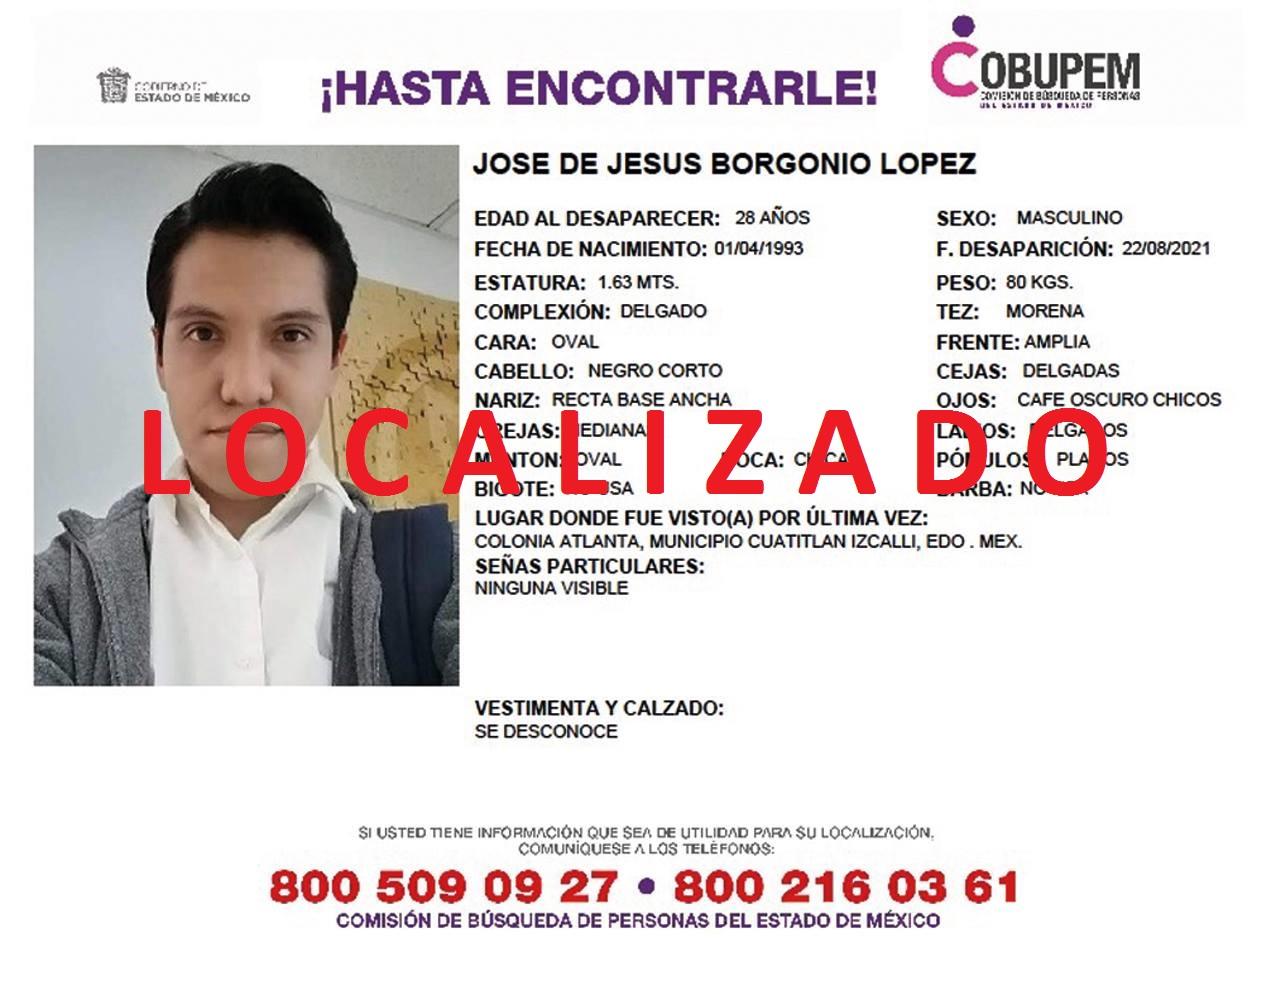 Papá e hijo desaparecidos en Cuatitlán Izcalli; ya fueron localizados